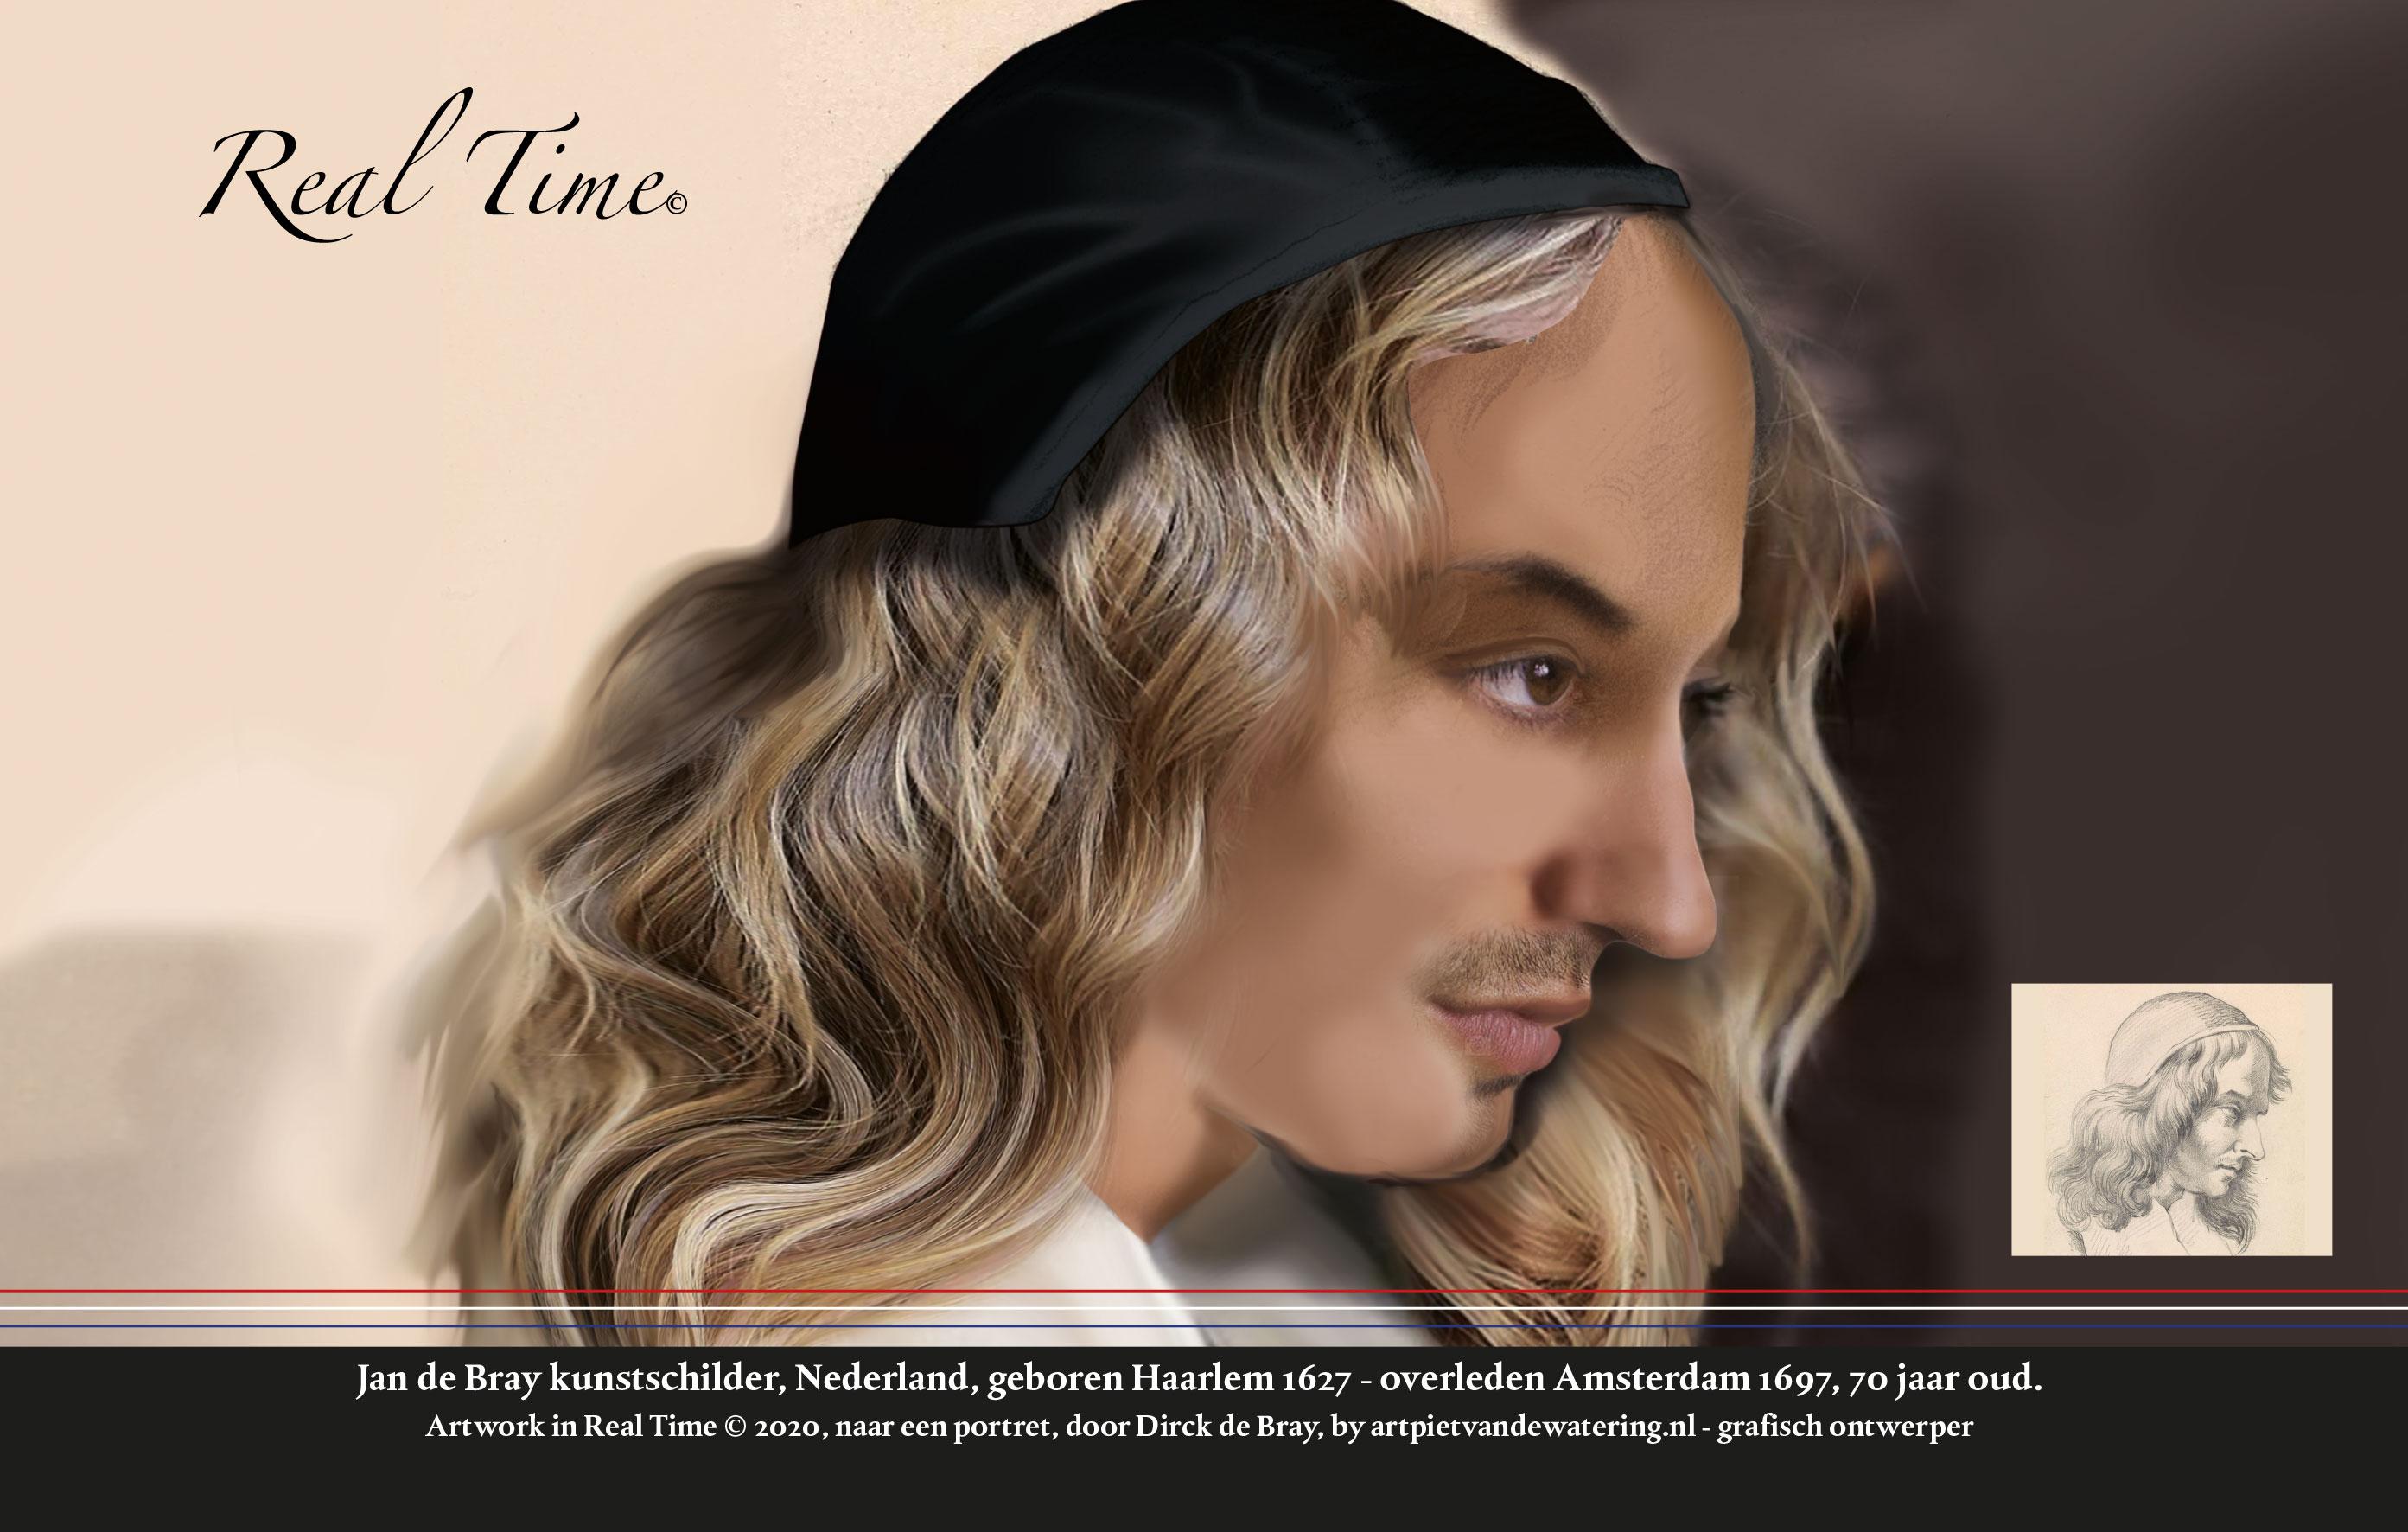 Jan-de-Bray-1627-1697